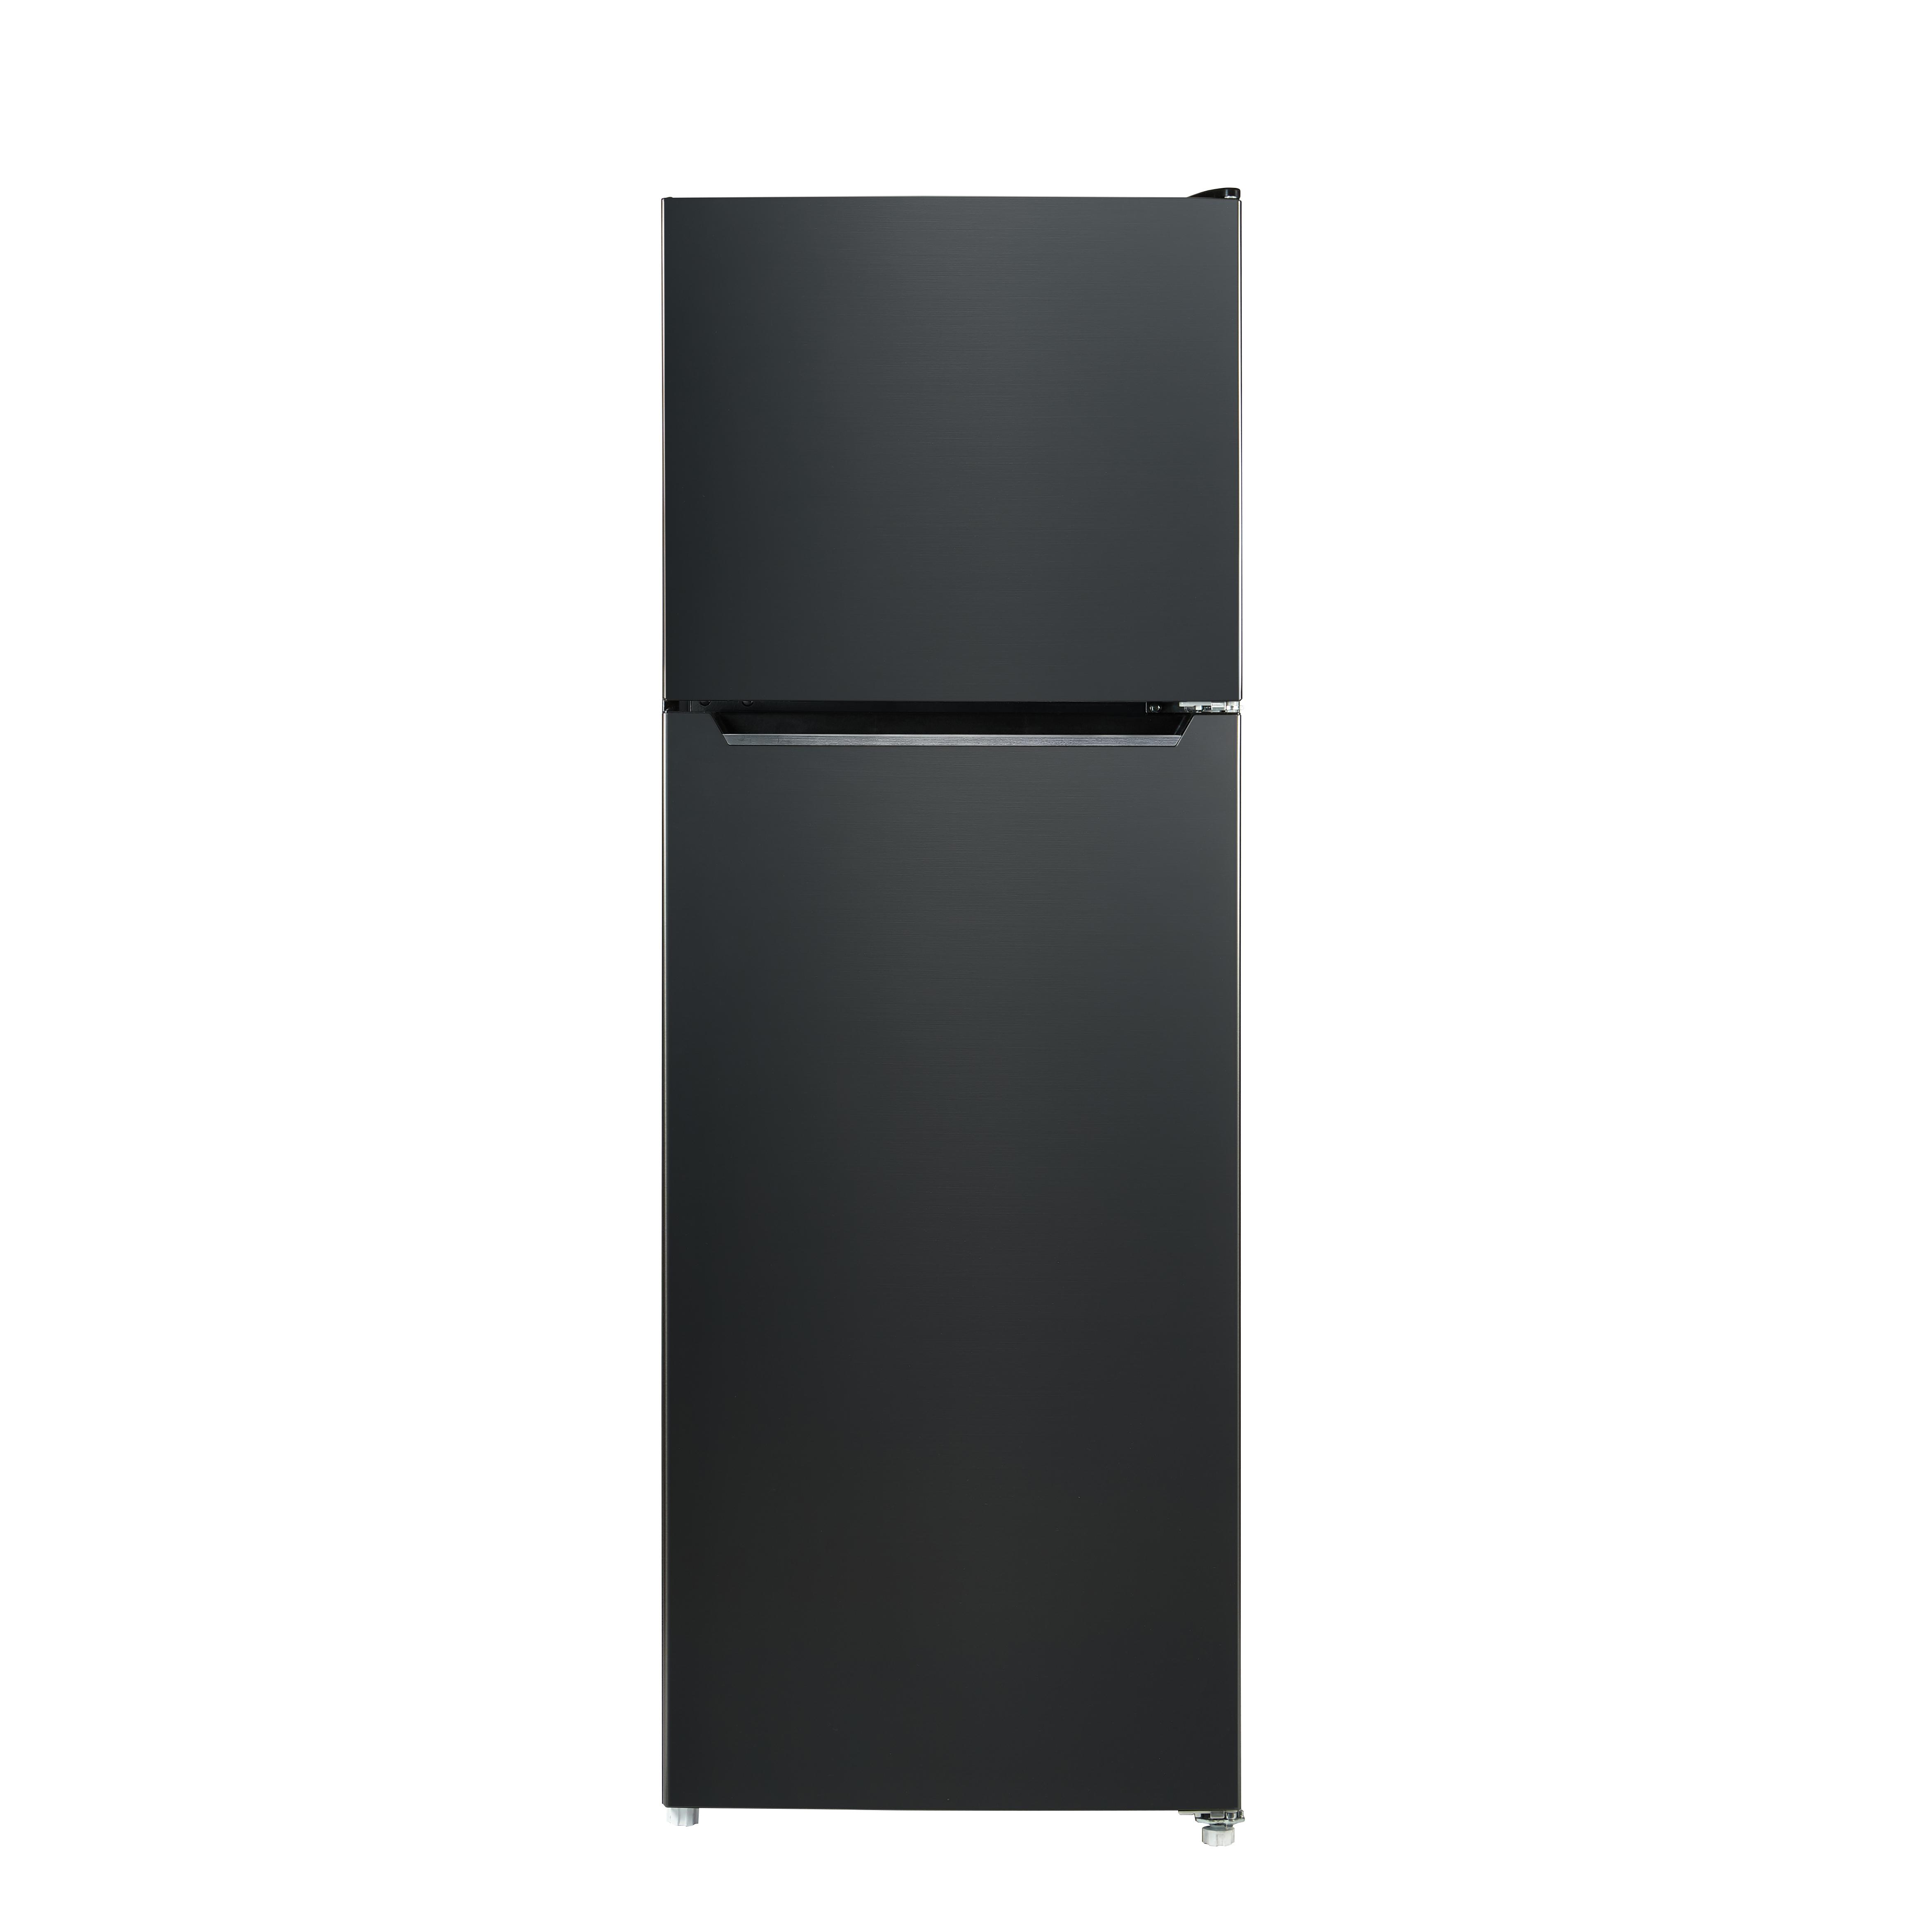 캐리어 클라윈드 블랙메탈 냉장고 349L 방문설치, CRF-TN350BDC